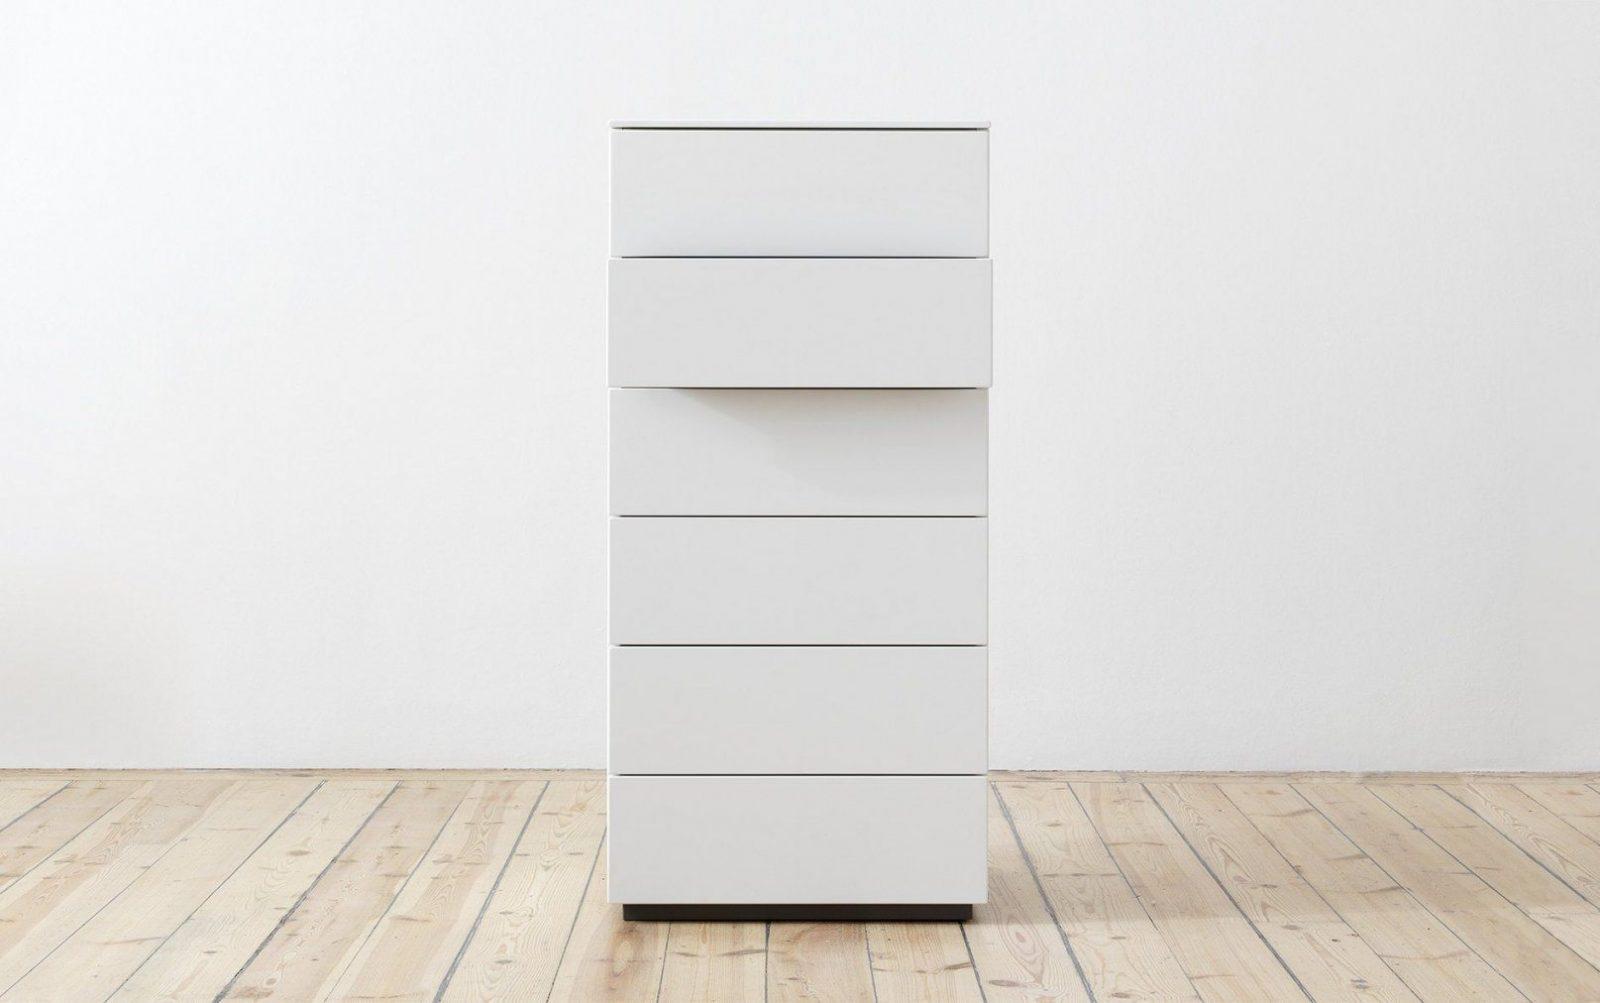 Genial Schrank Weiß 60 Cm Breit Kommode 52402 Frische Haus Ideen von Kommode Weiß 50 Cm Breit Bild